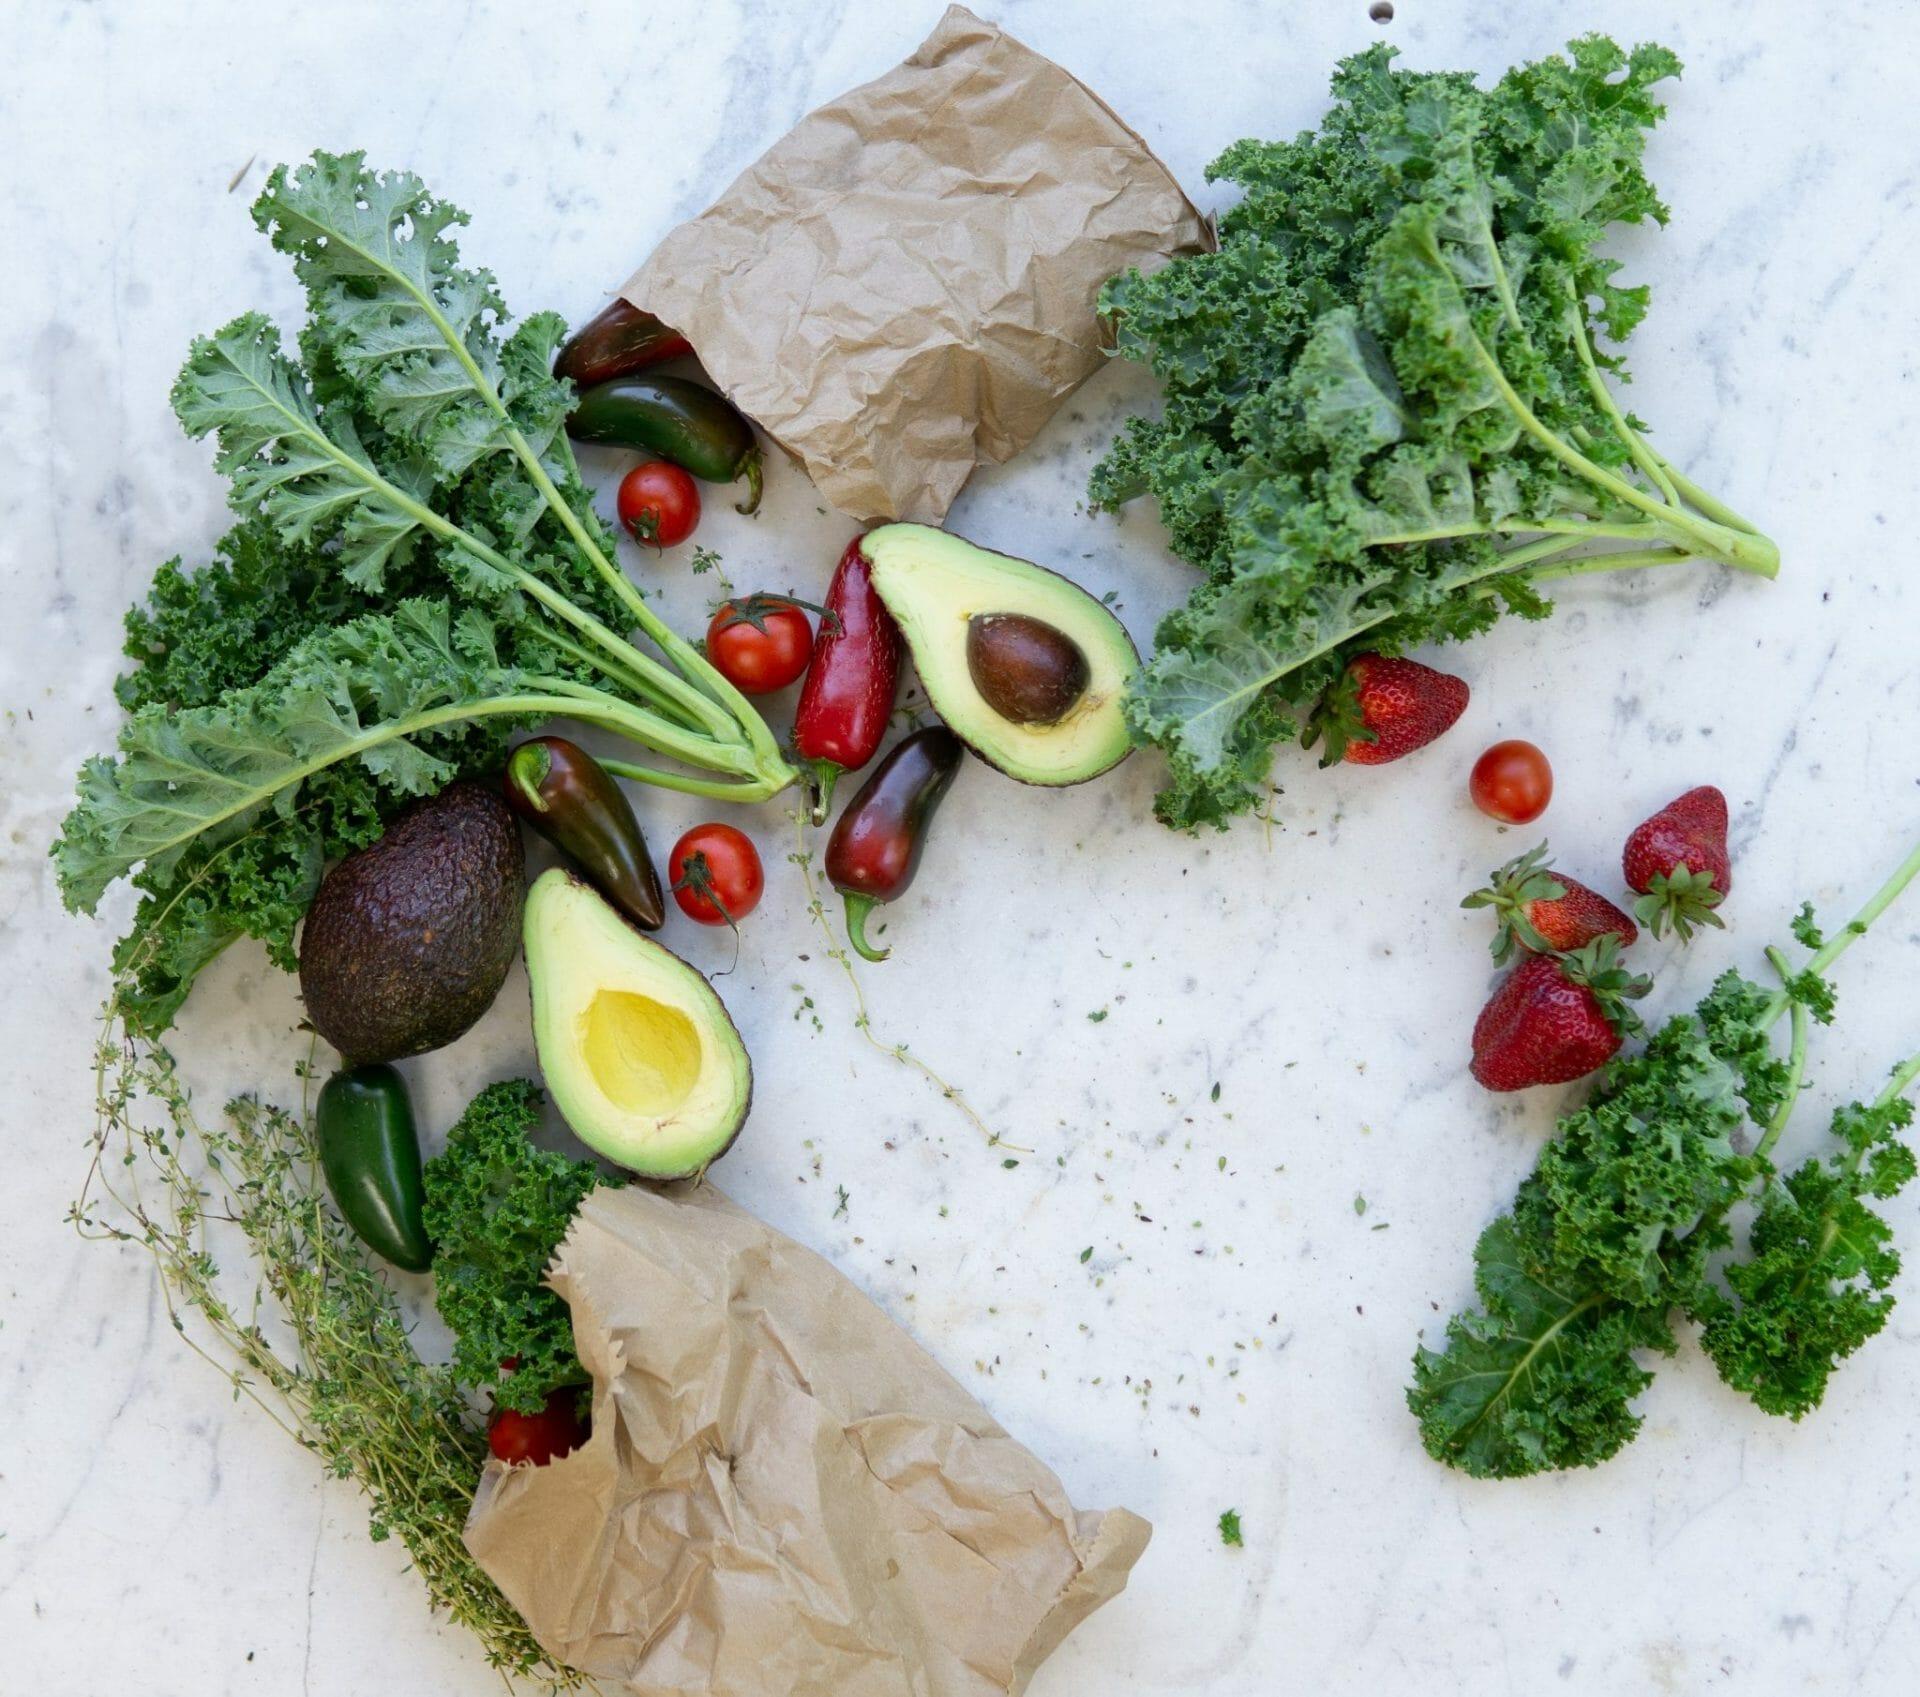 Les fruits et légumes de saison recommandés par Madame La Présidente l'été pour avoir de beaux cheveux